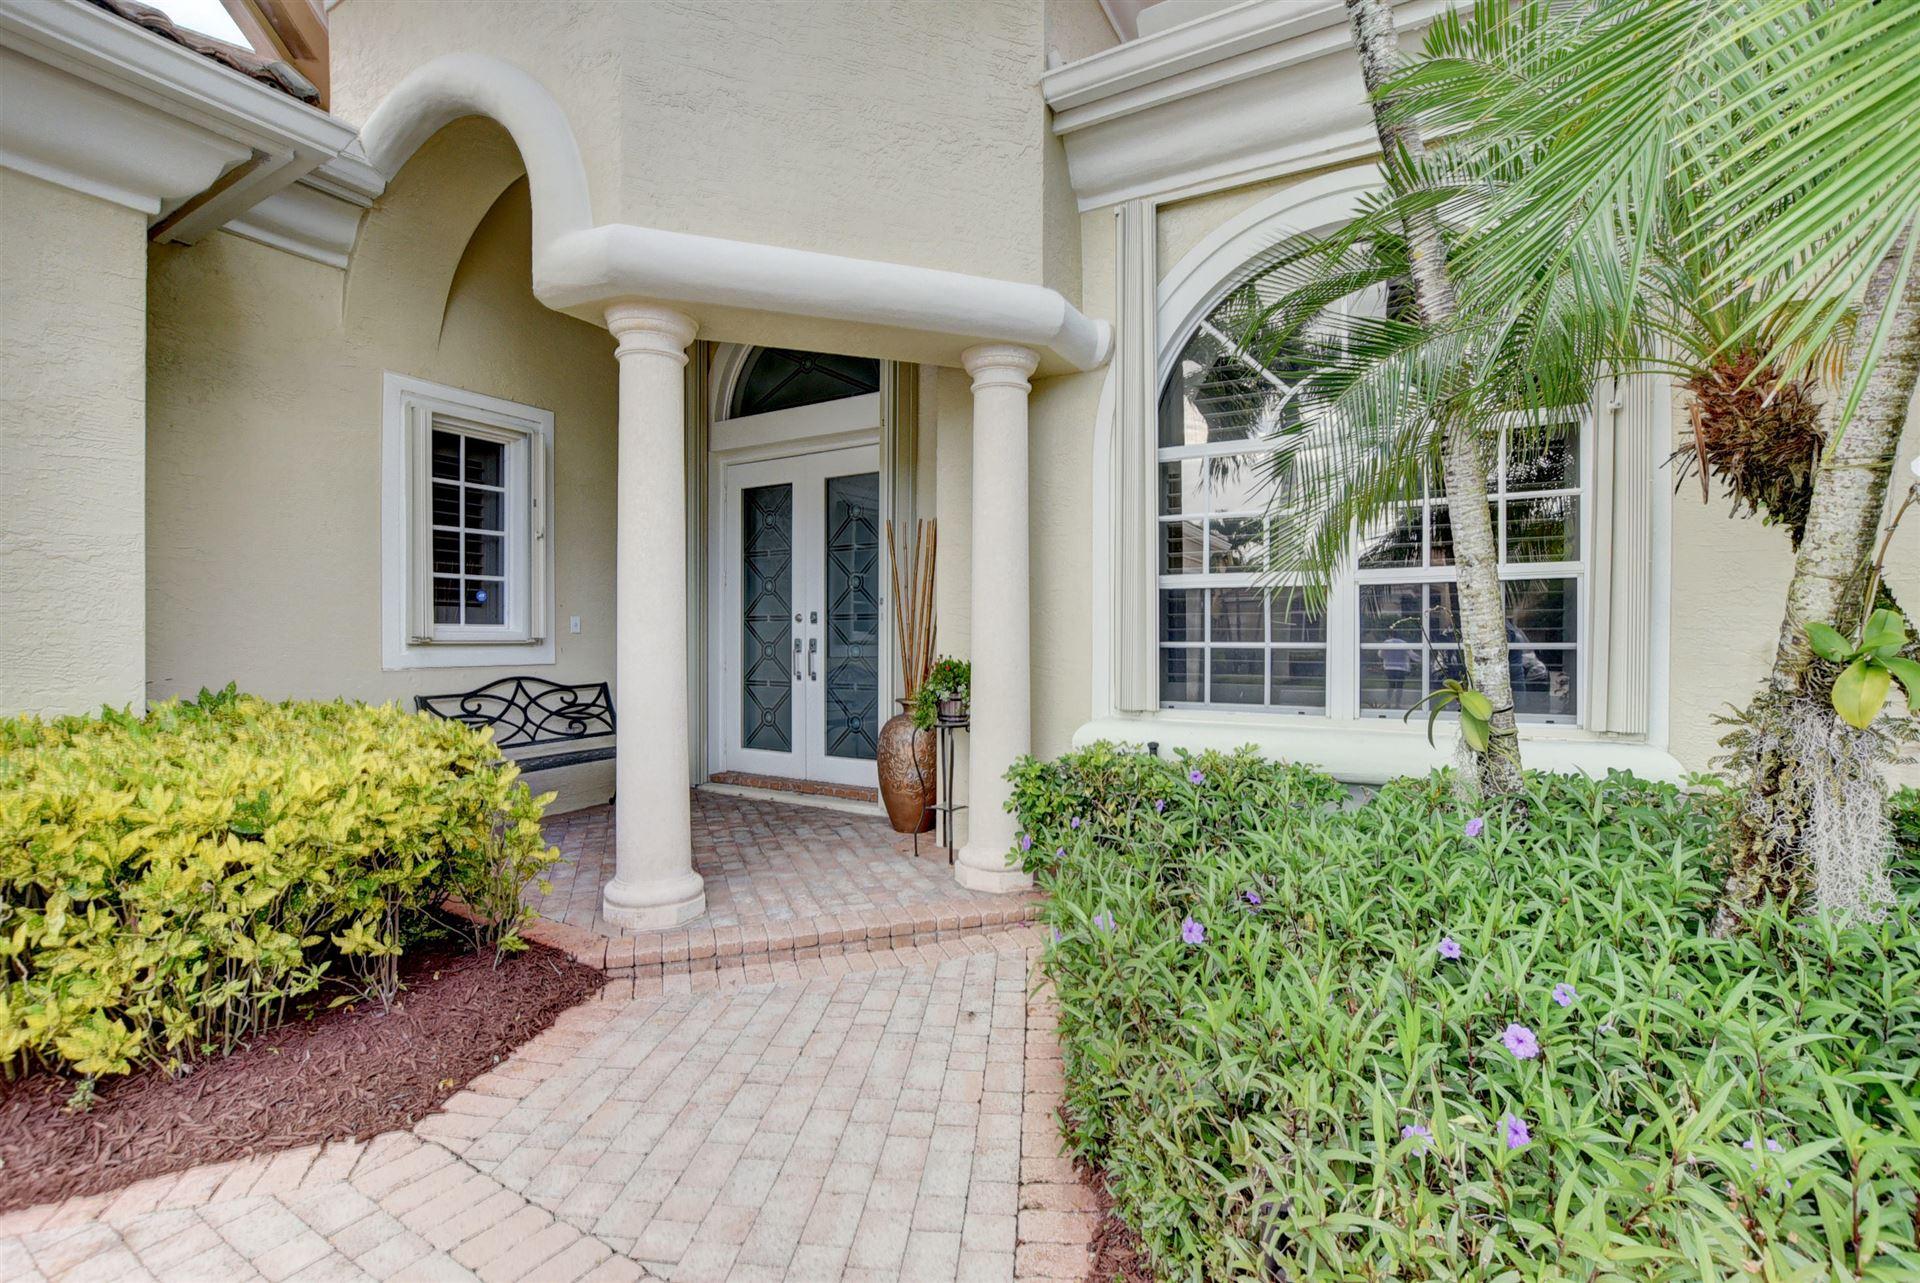 7952 Villa D Este Way, Delray Beach, FL 33446 - #: RX-10586937